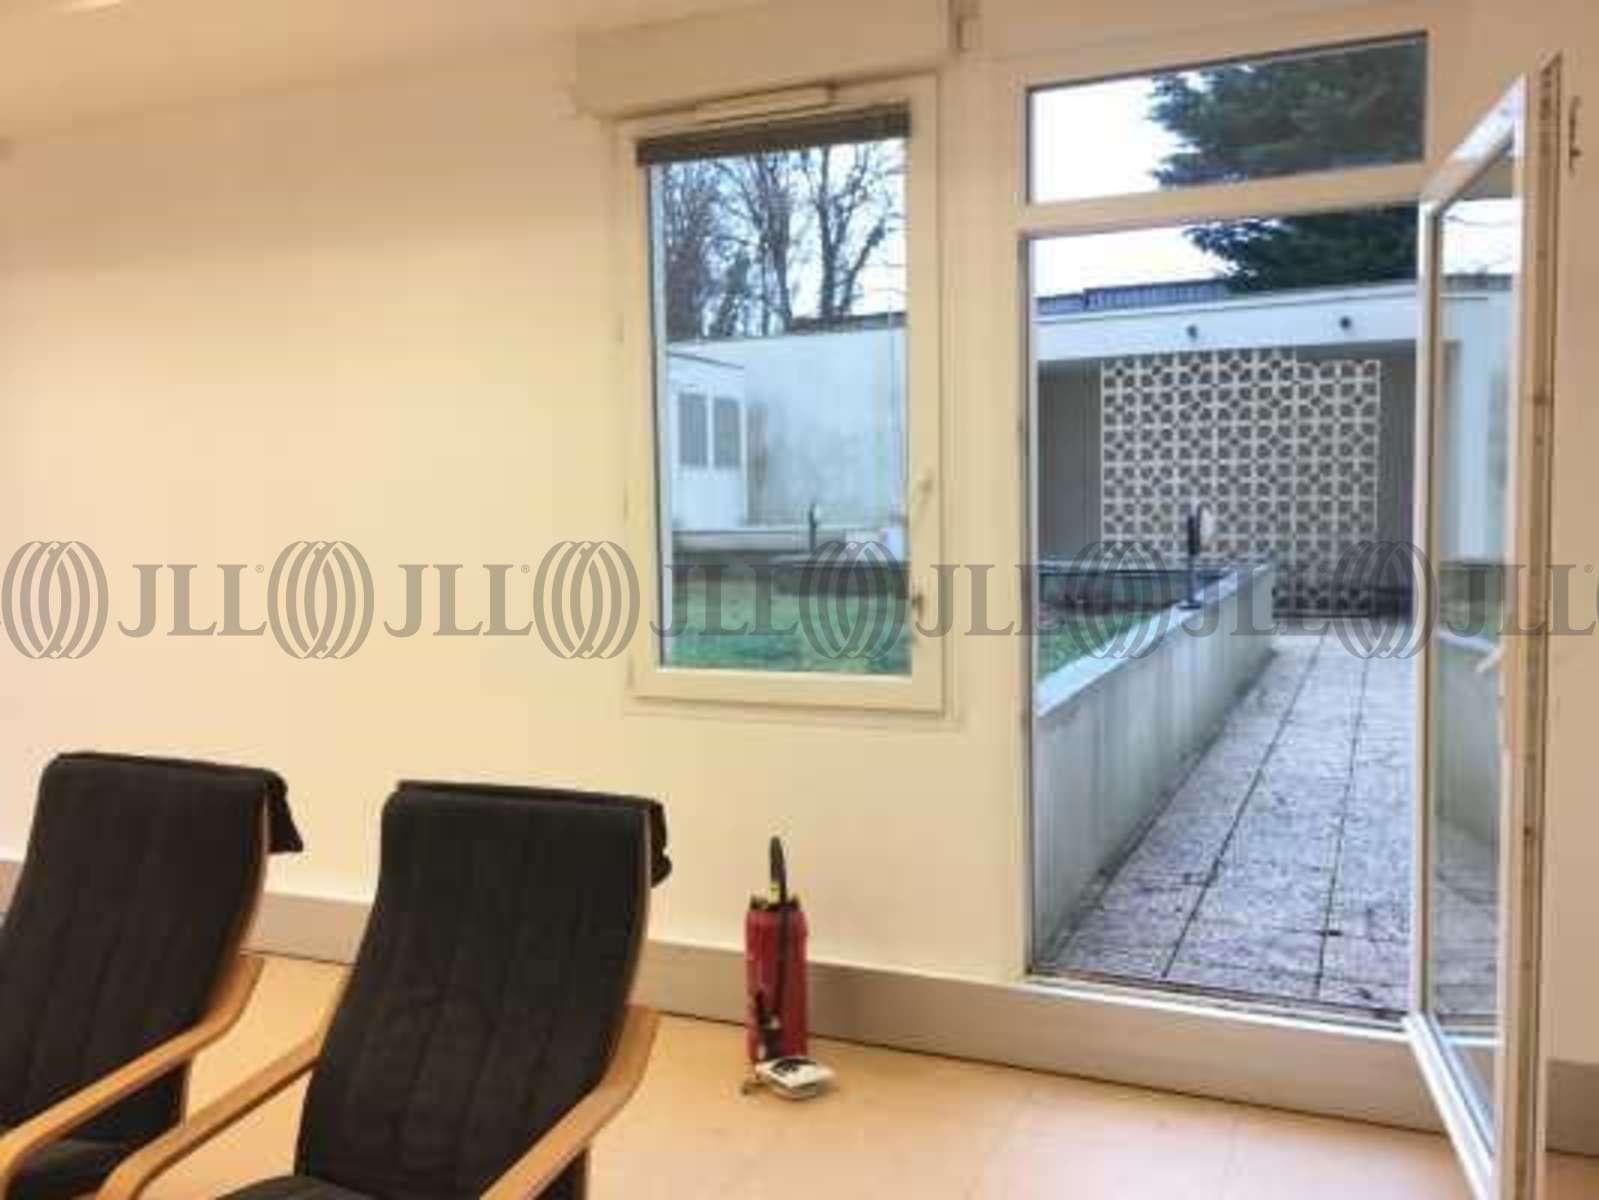 bureaux louer 68 rue marcel miquel 92130 issy les. Black Bedroom Furniture Sets. Home Design Ideas